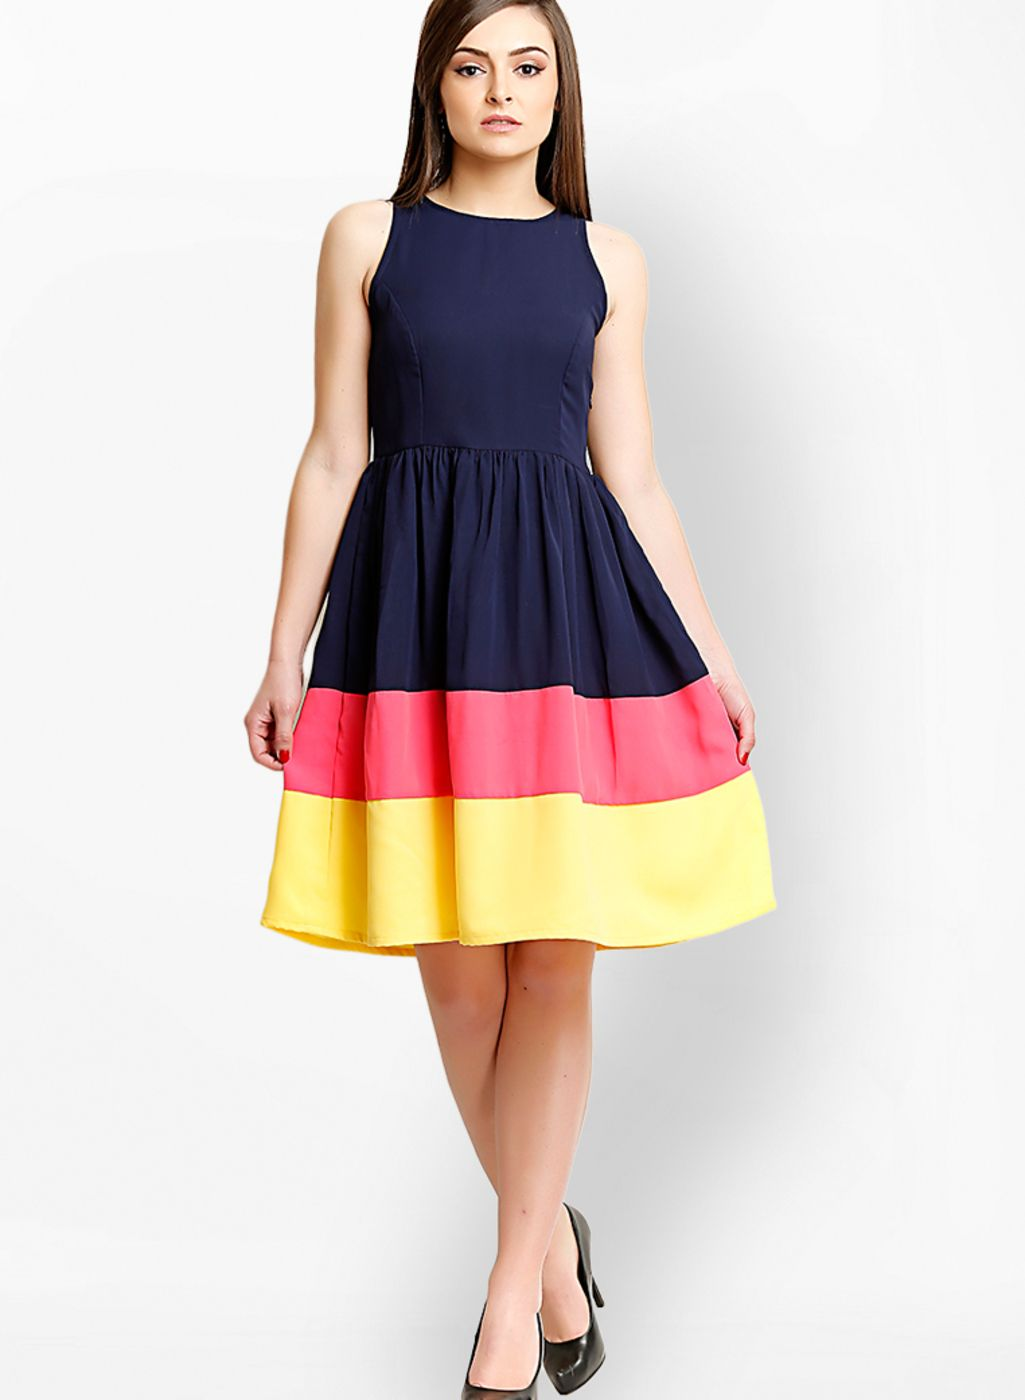 Plain colored dresses